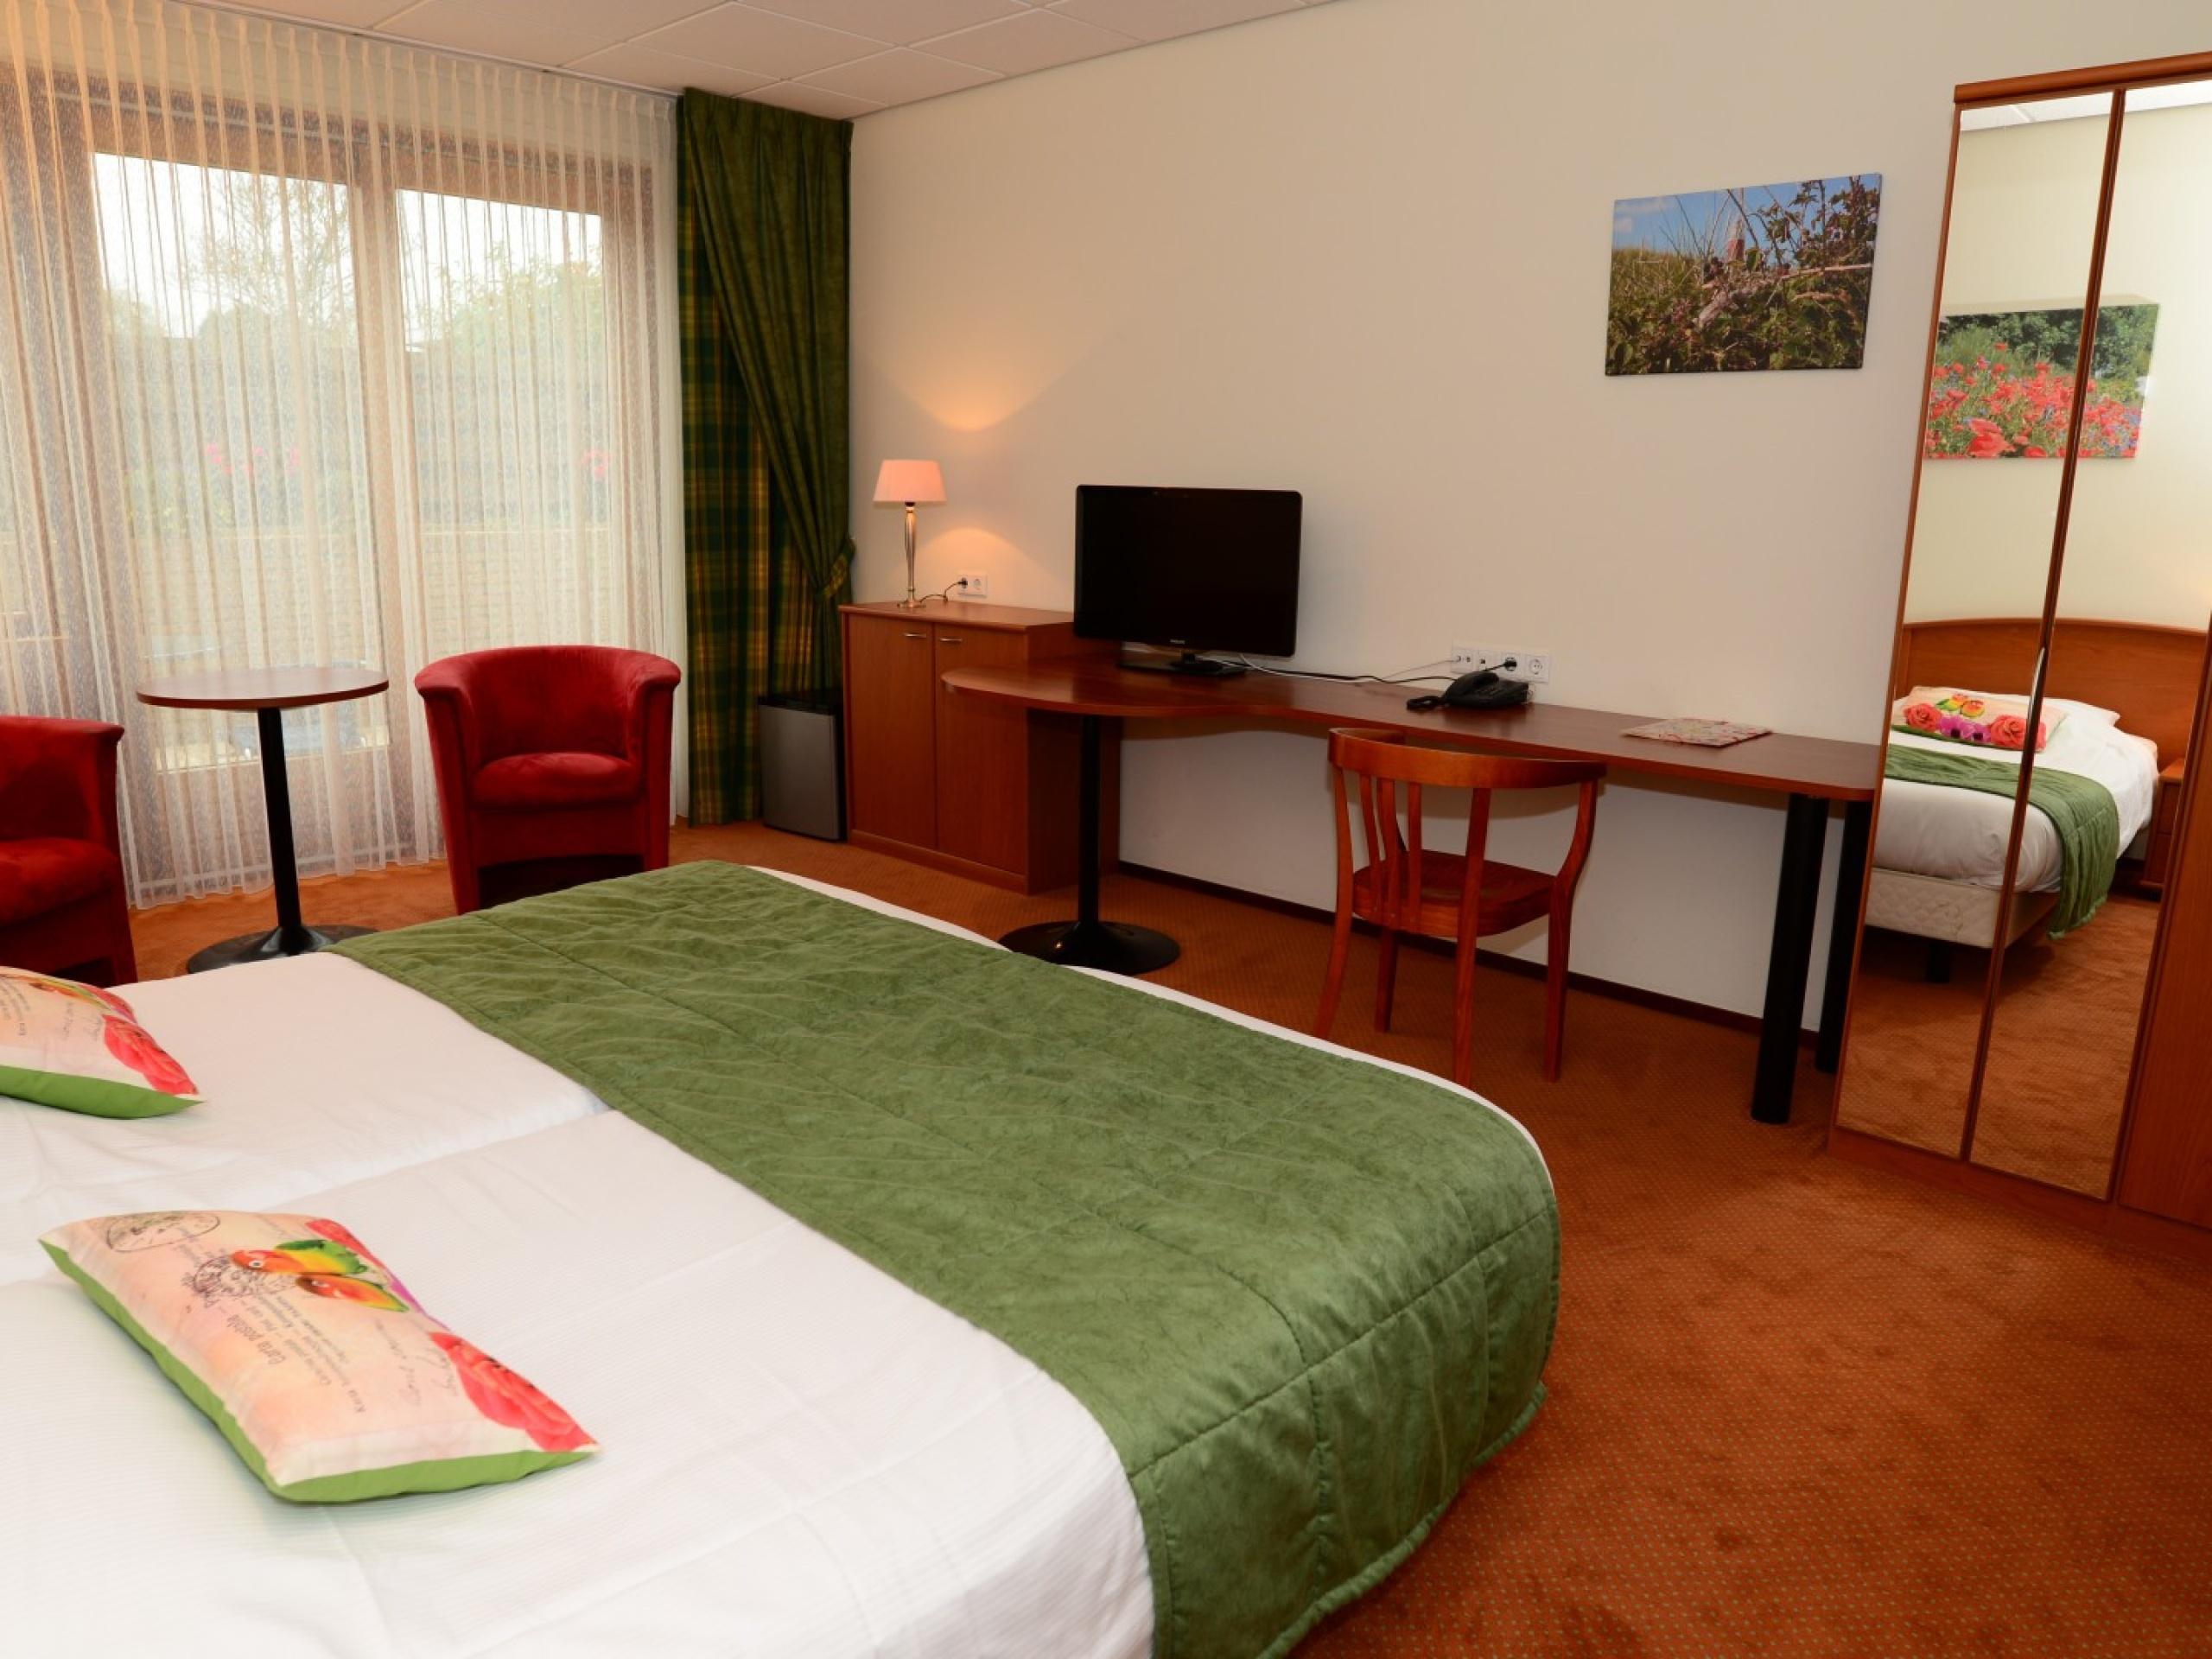 Hotelzimmer in De Koog Innenhofseite mit Terrasse mit Privatsphäre